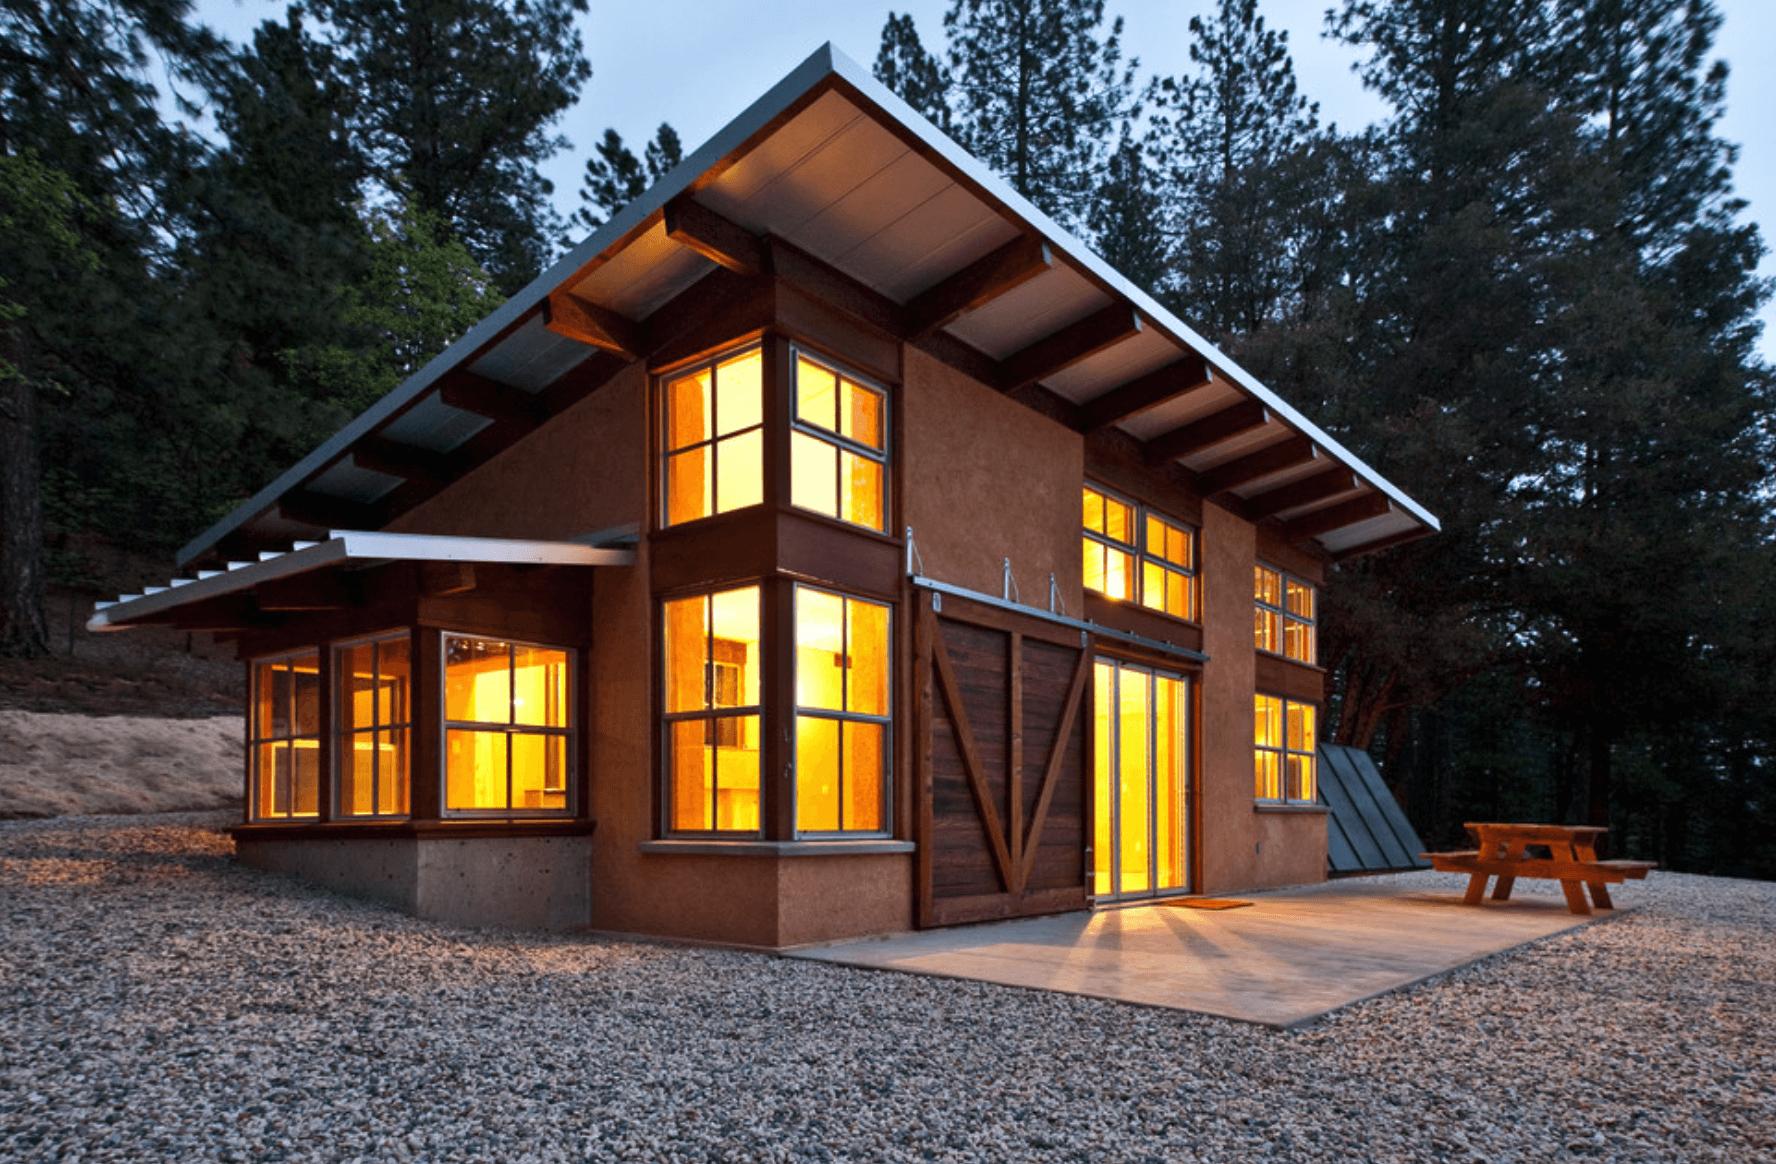 Casa de campo como projetar arquidicas - Fotos de casa de campo ...